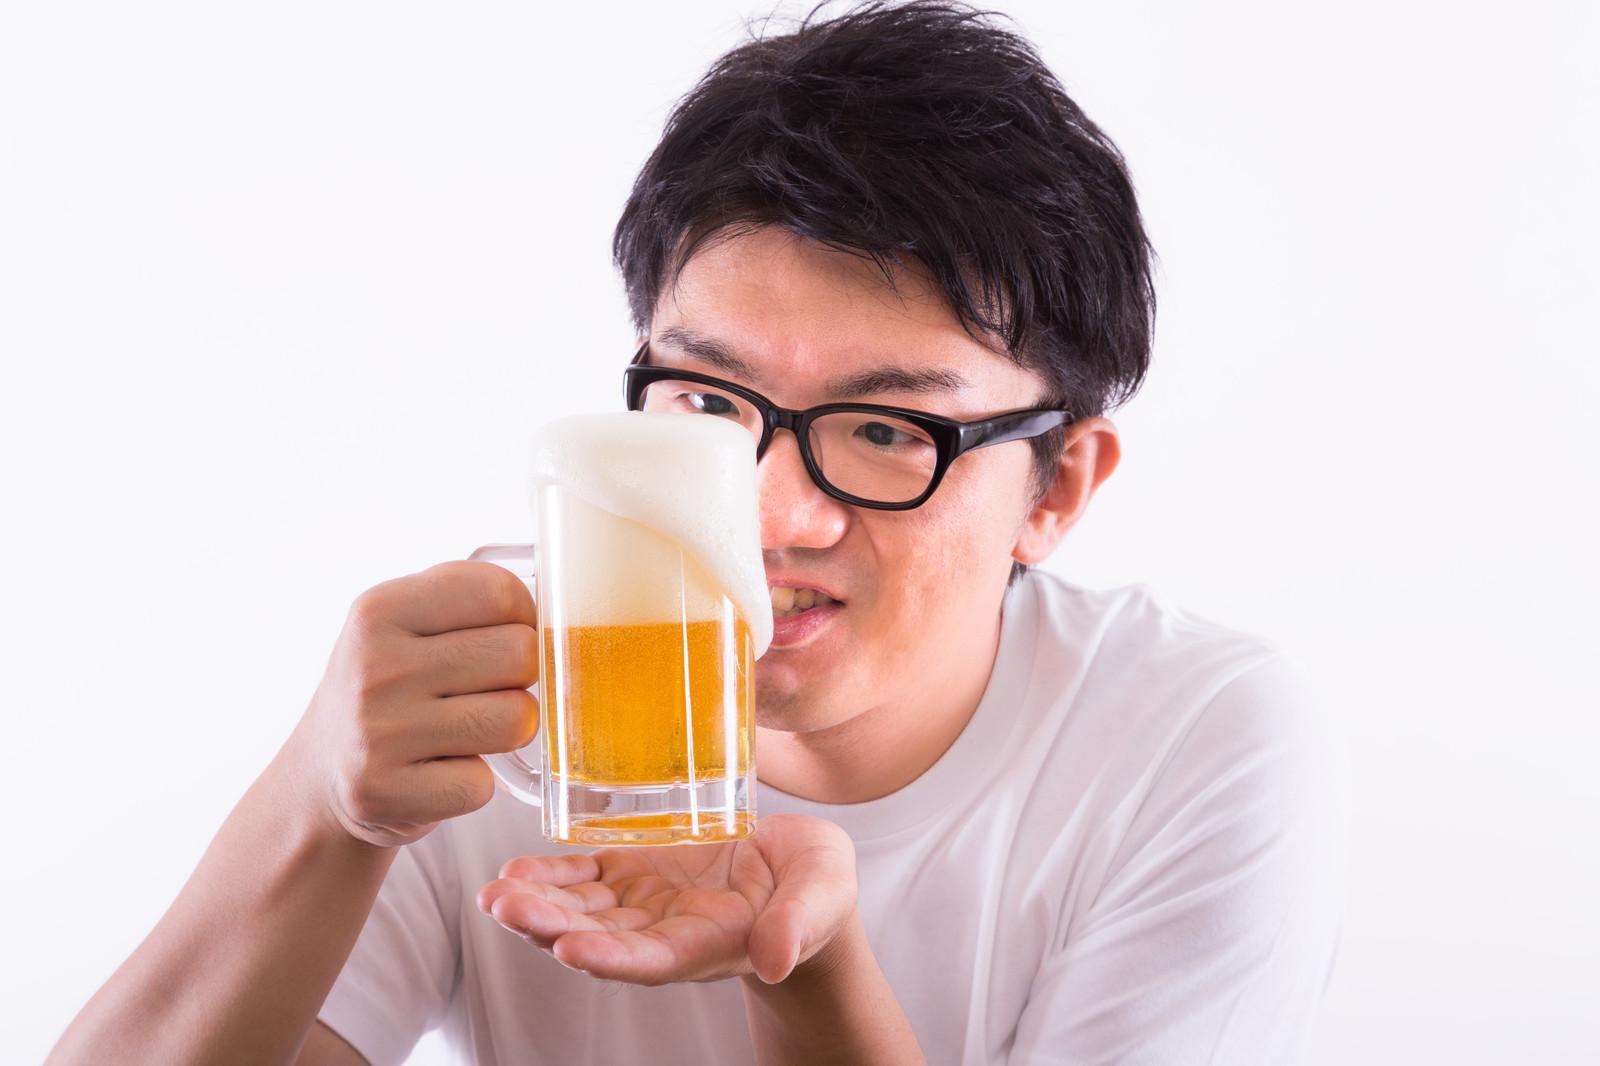 キリンビール|面接内容と選考プロセスの実態とは